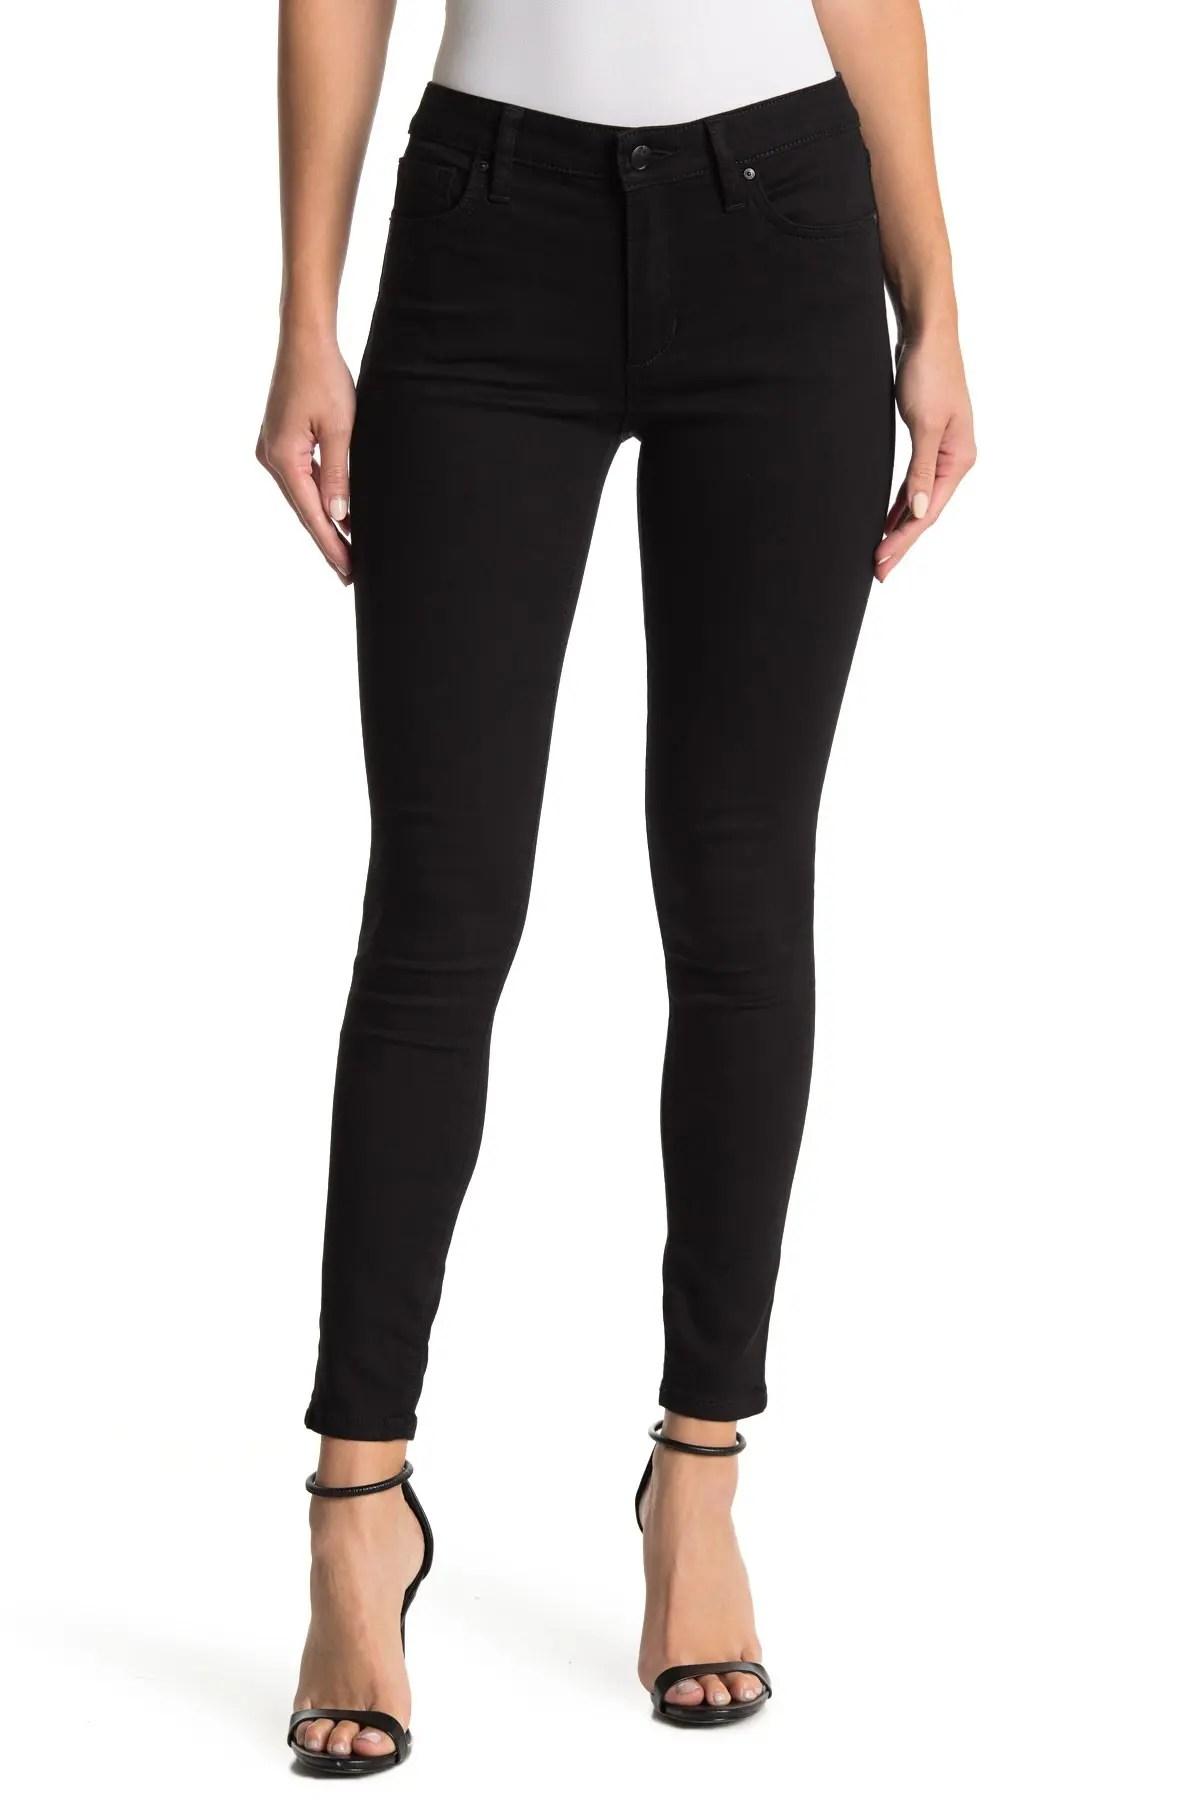 women s black jeans nordstrom rack